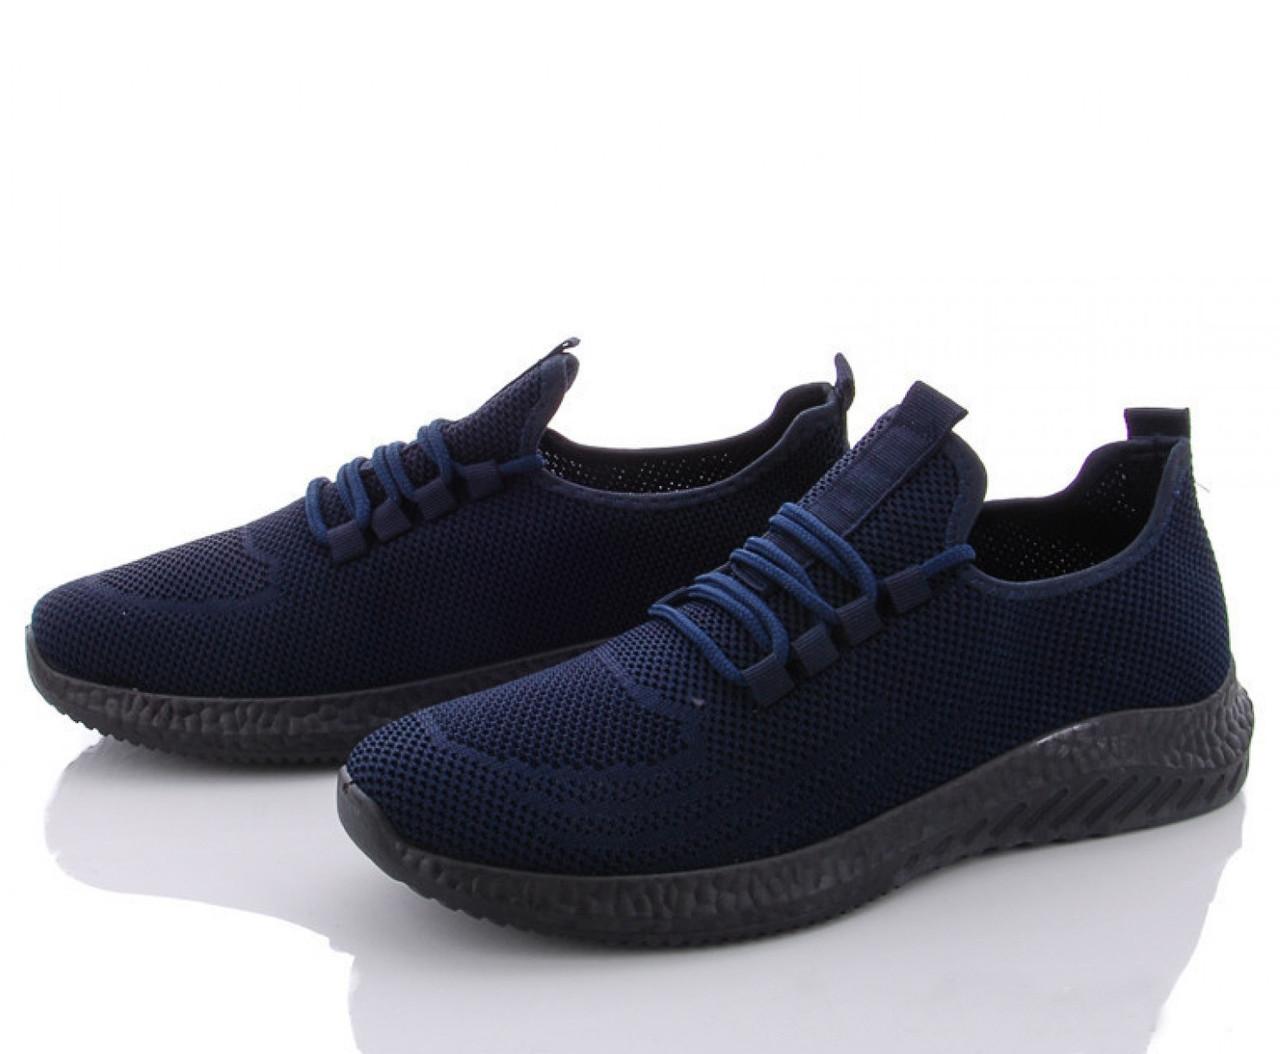 Летние мужские кроссовки синие из текстиля 41 р. - 27 см BR-S 1185340474